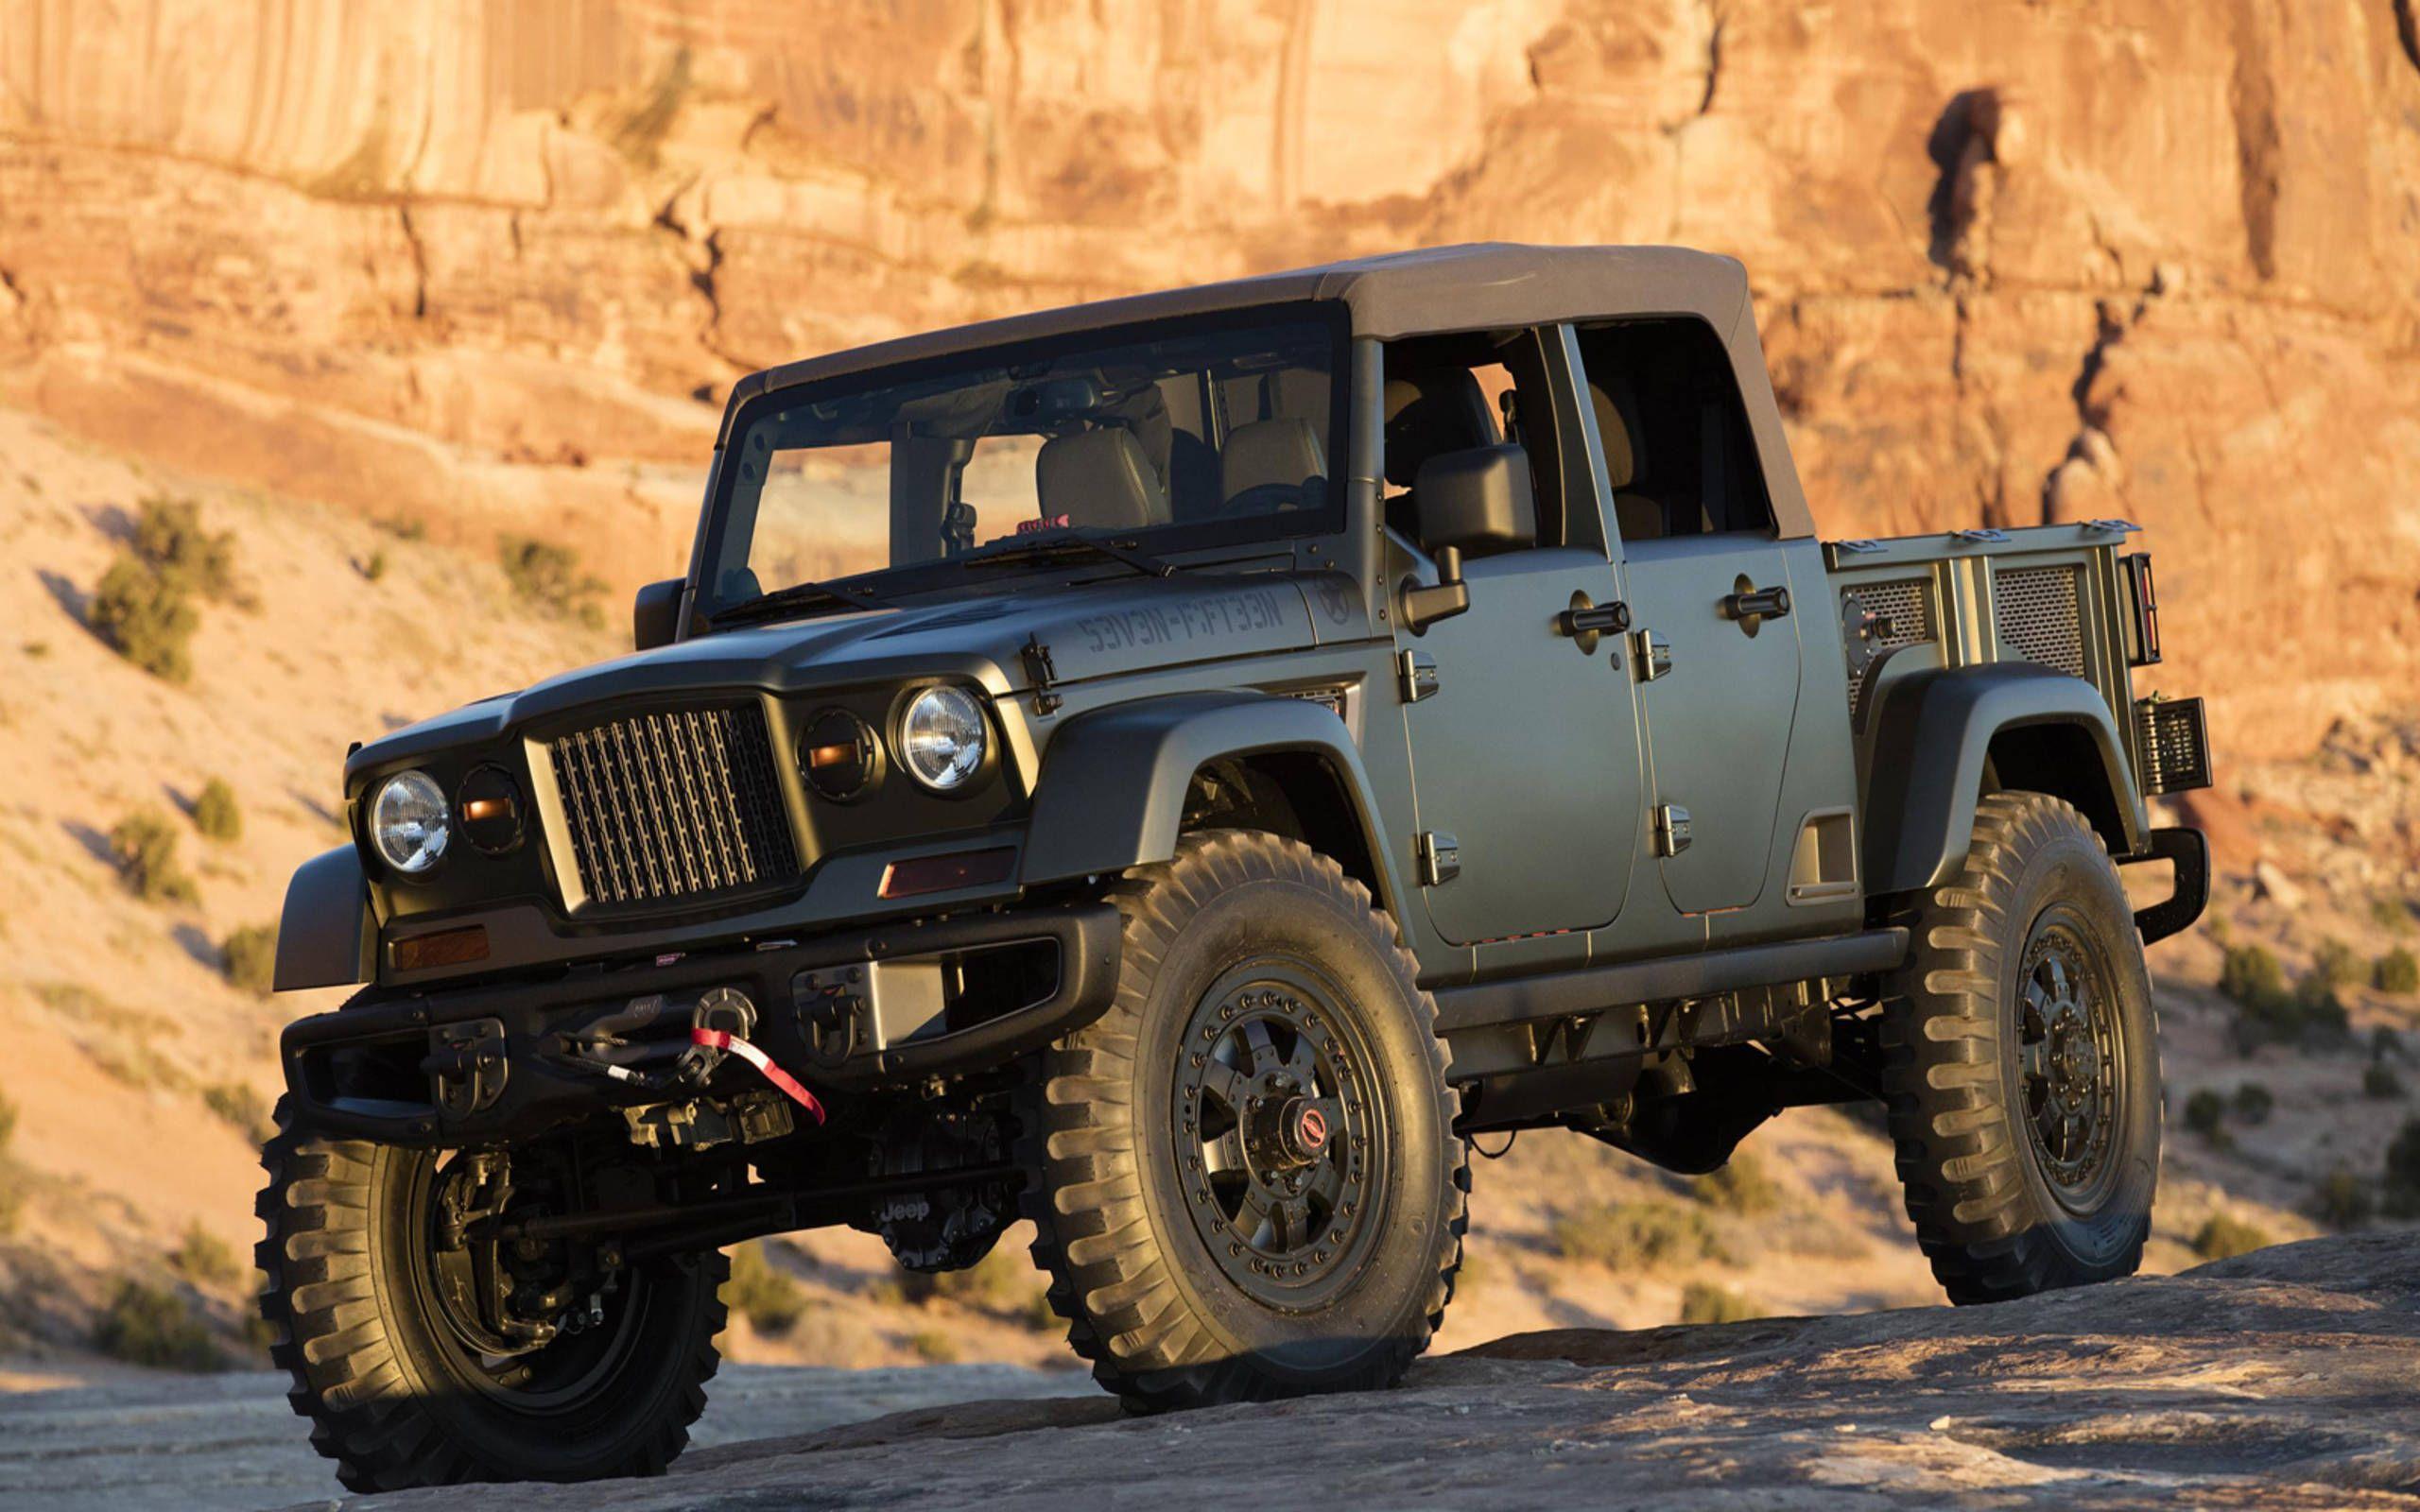 The Jeep Scrambler Will Get An Optional Soft Top